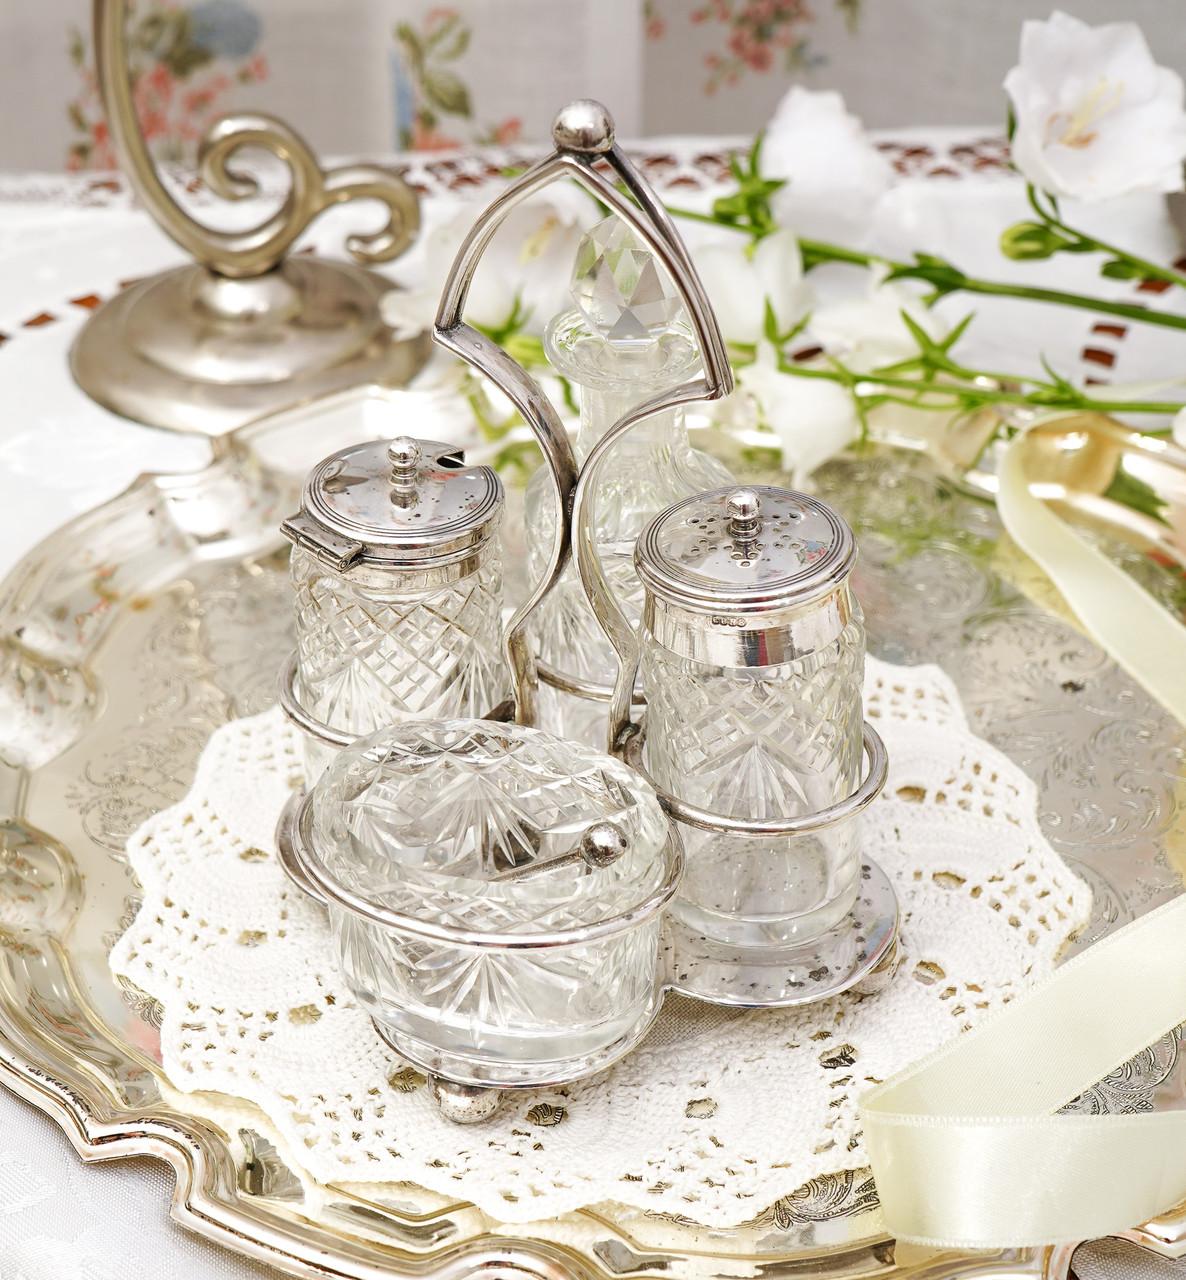 Посеребренный набор для специй, винтажный английский круэт, солонка и перечница, серебрение, Англия, винтаж